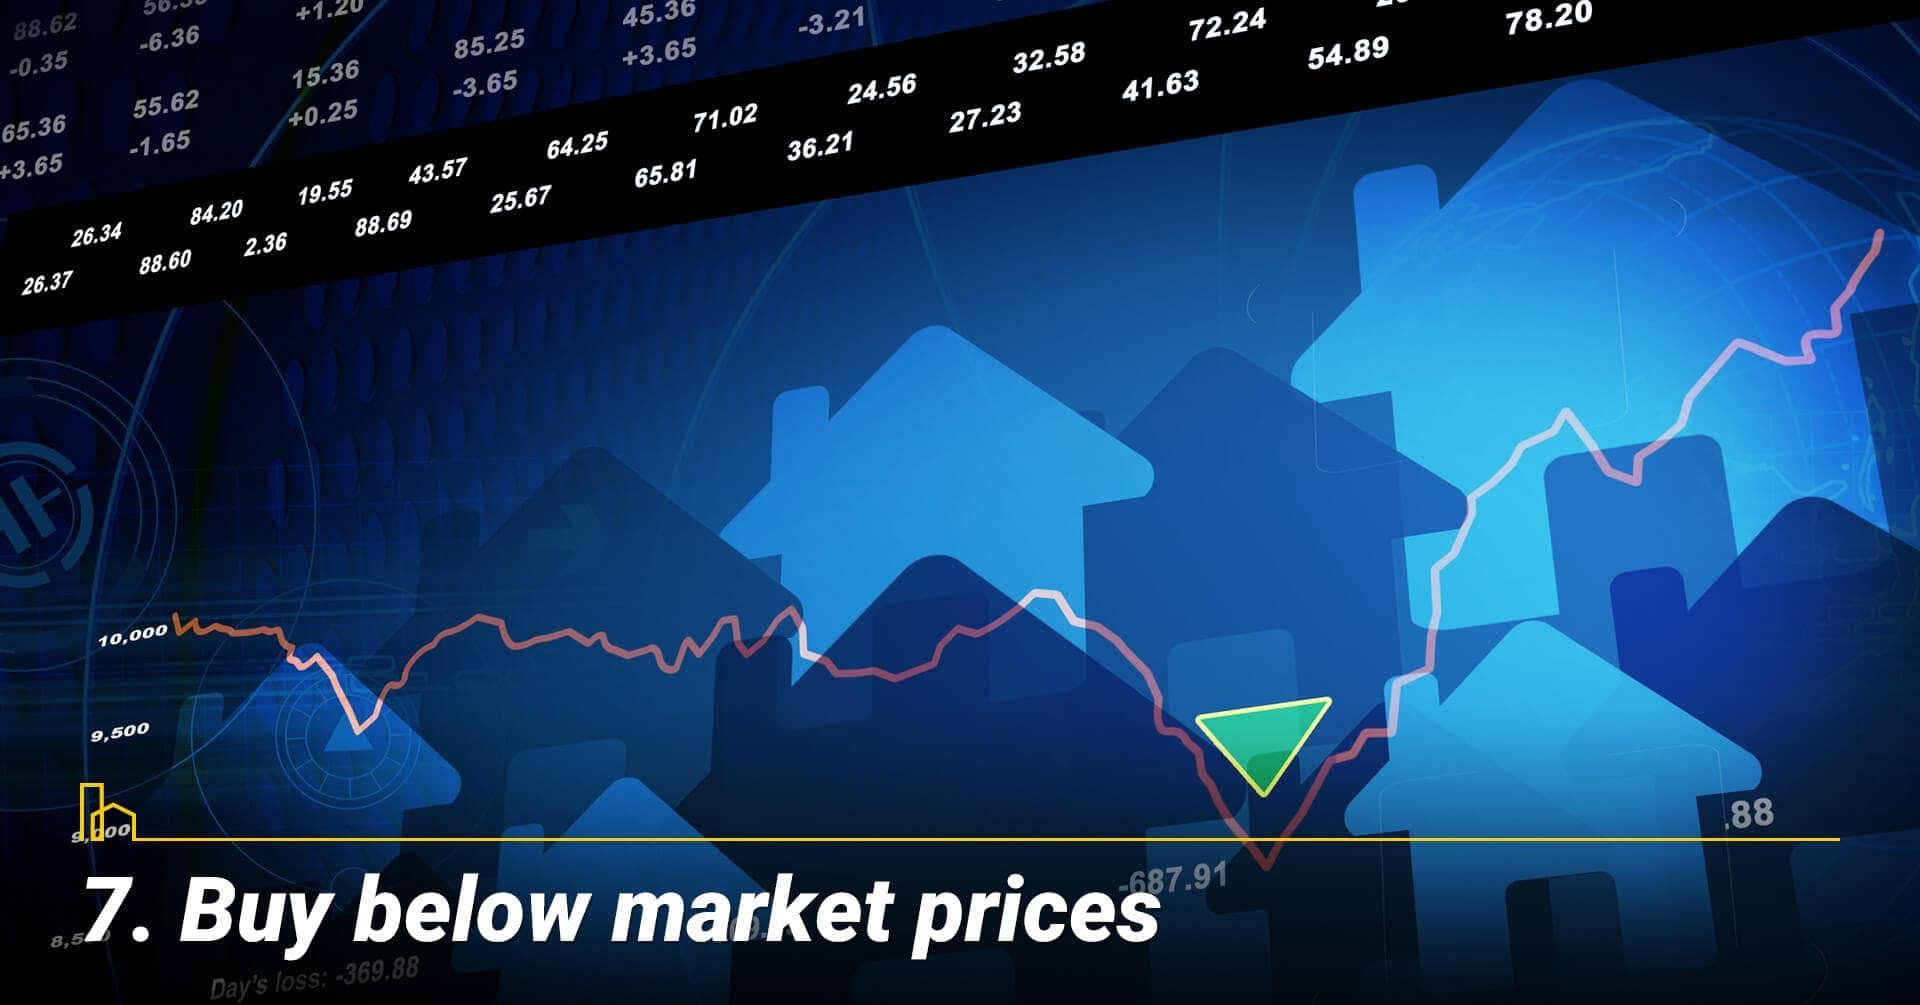 Buy below market prices